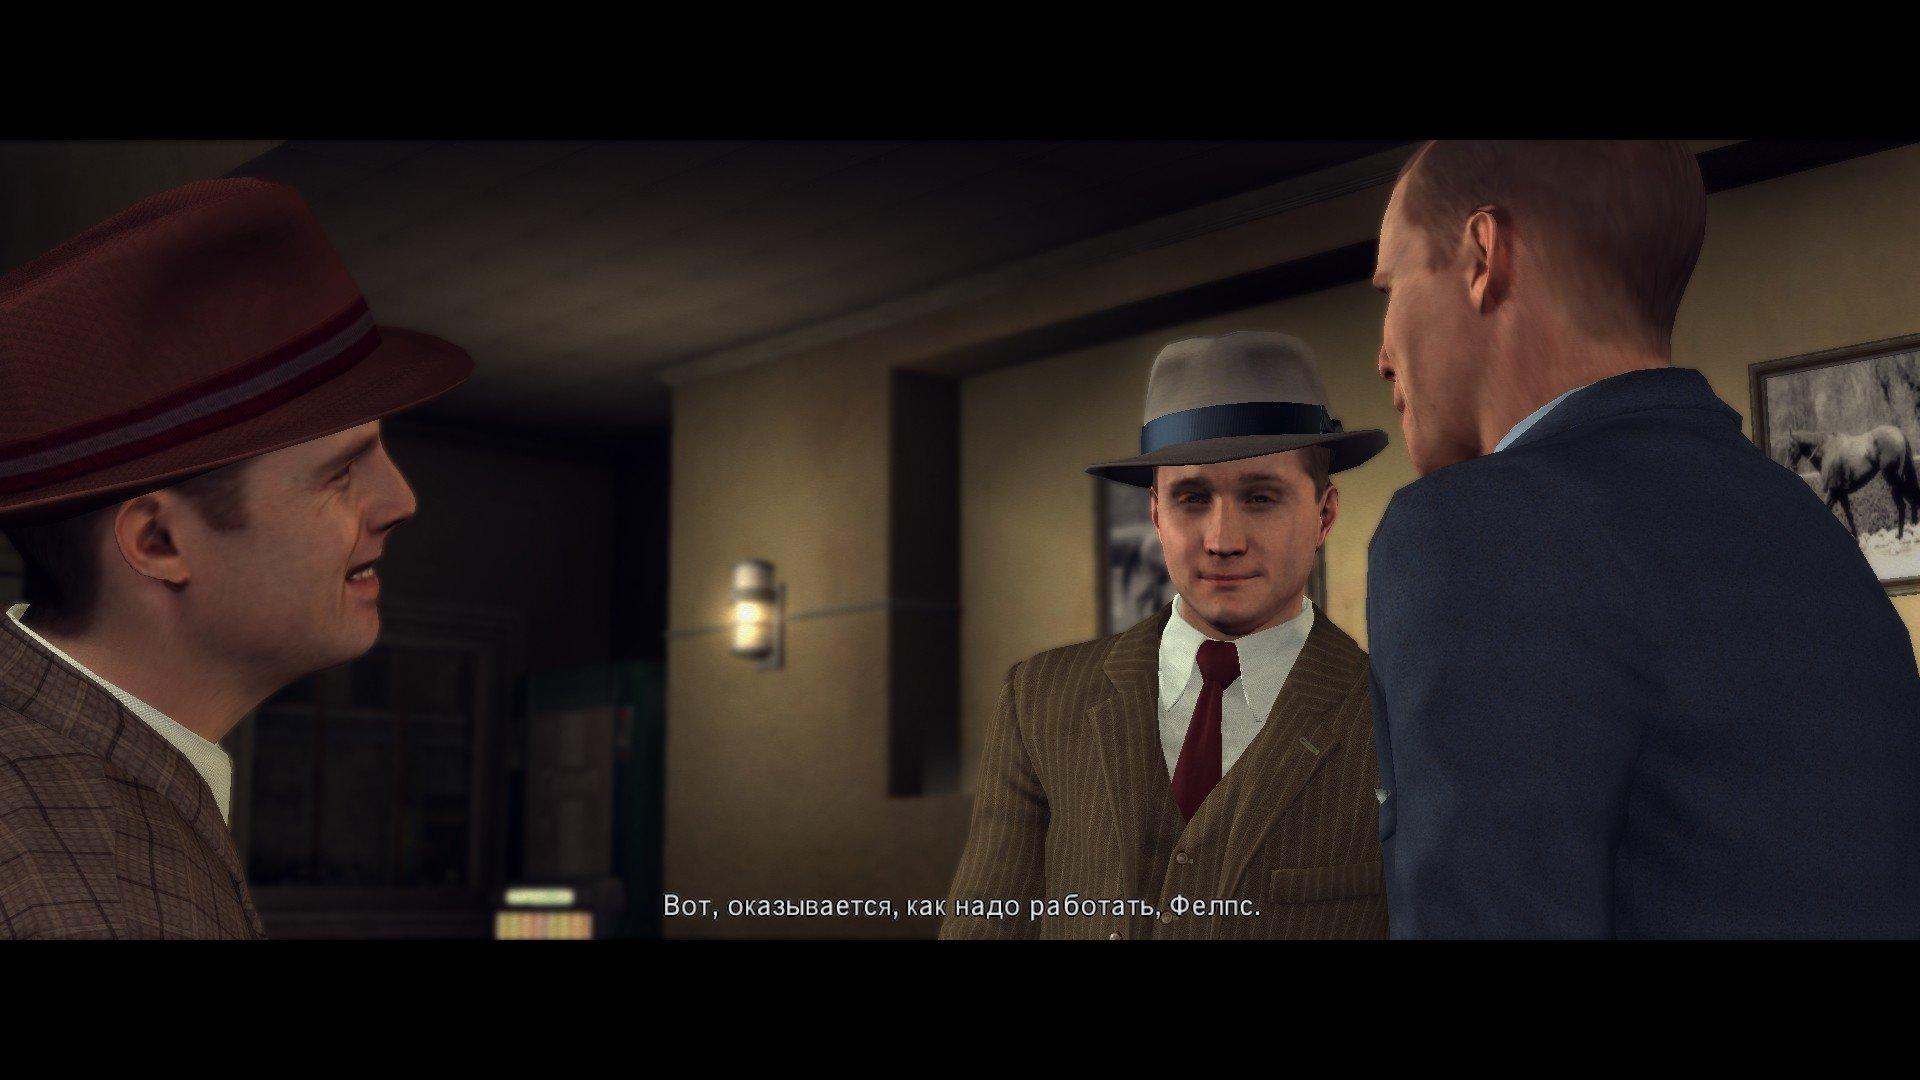 Пост-прохождение L.A. Noire Часть 4 - Изображение 56